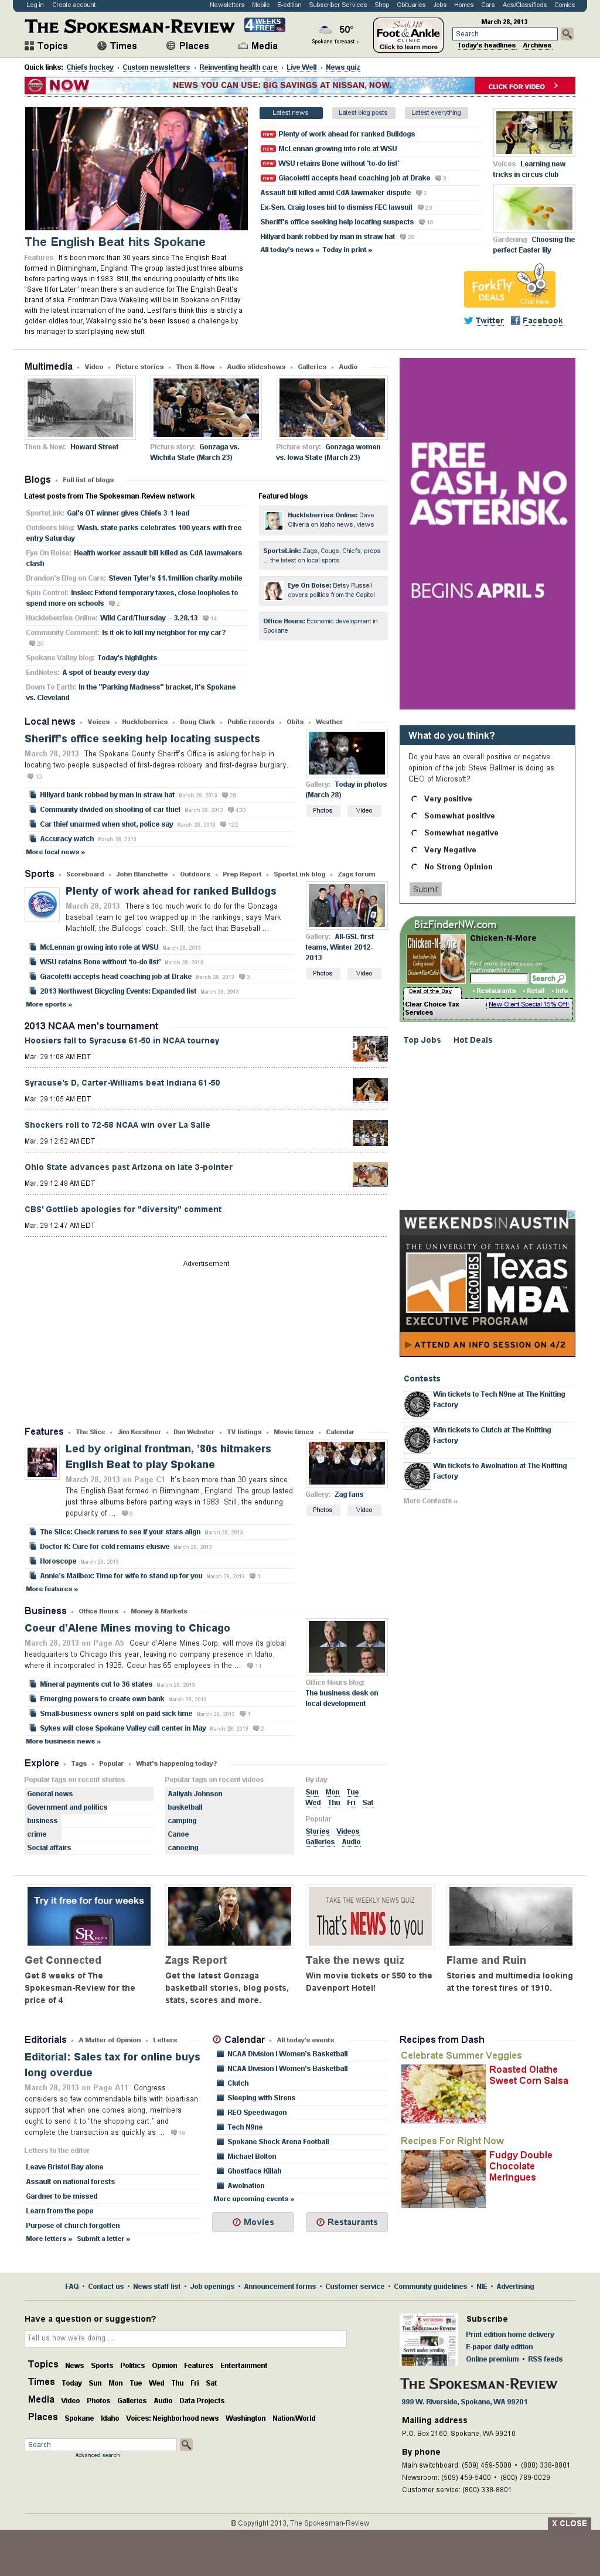 The (Spokane) Spokesman-Review at Friday March 29, 2013, 5:22 a.m. UTC